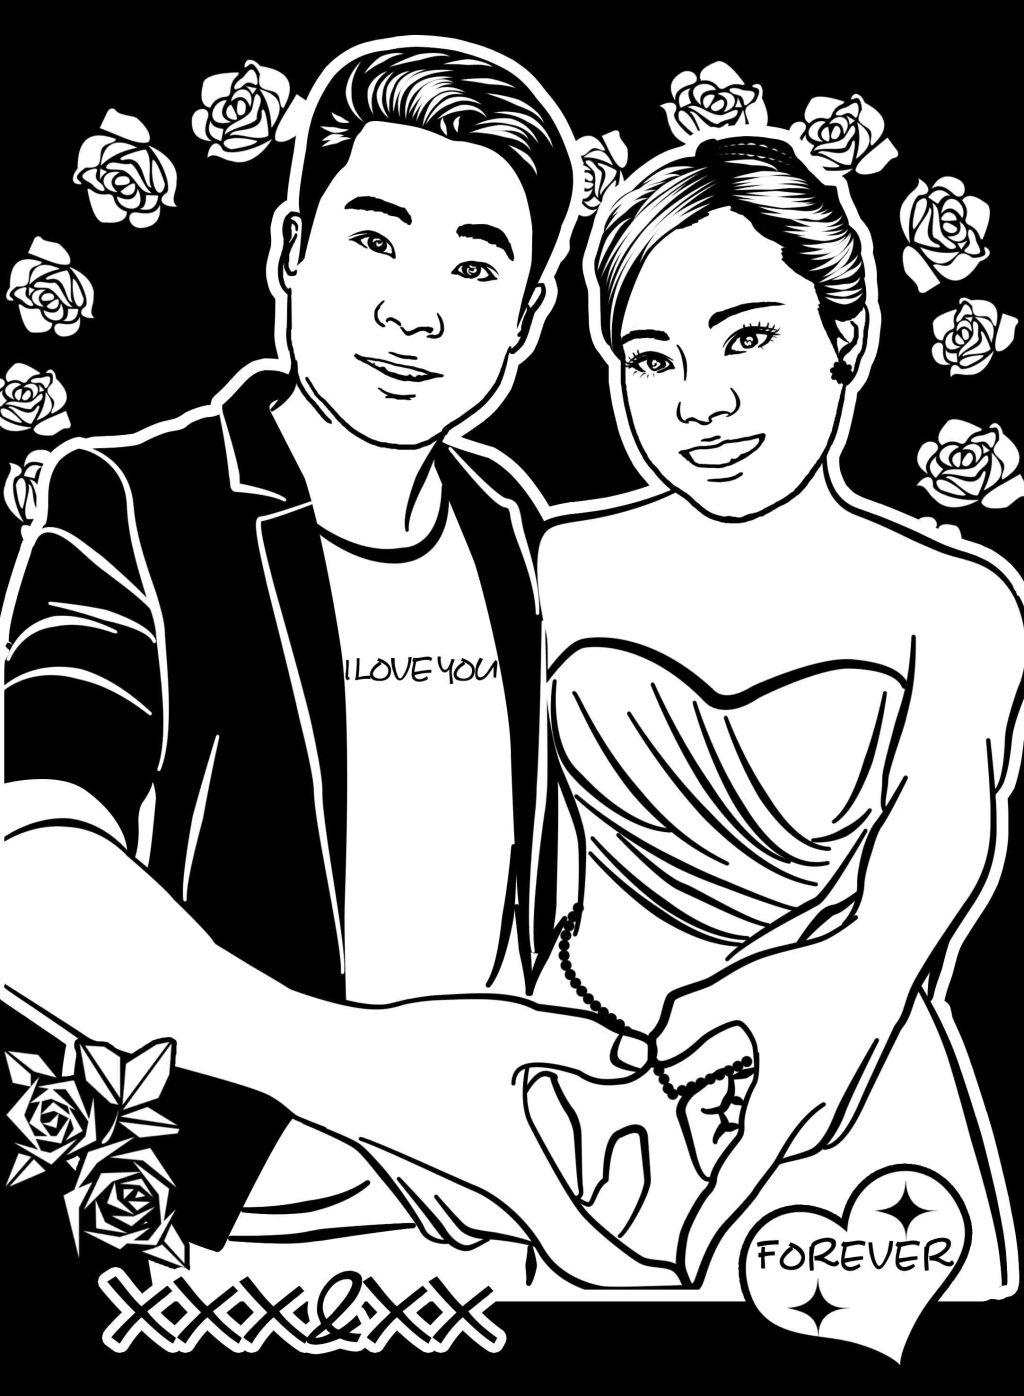 简笔画 黑白/结婚照黑白简笔画心形手势